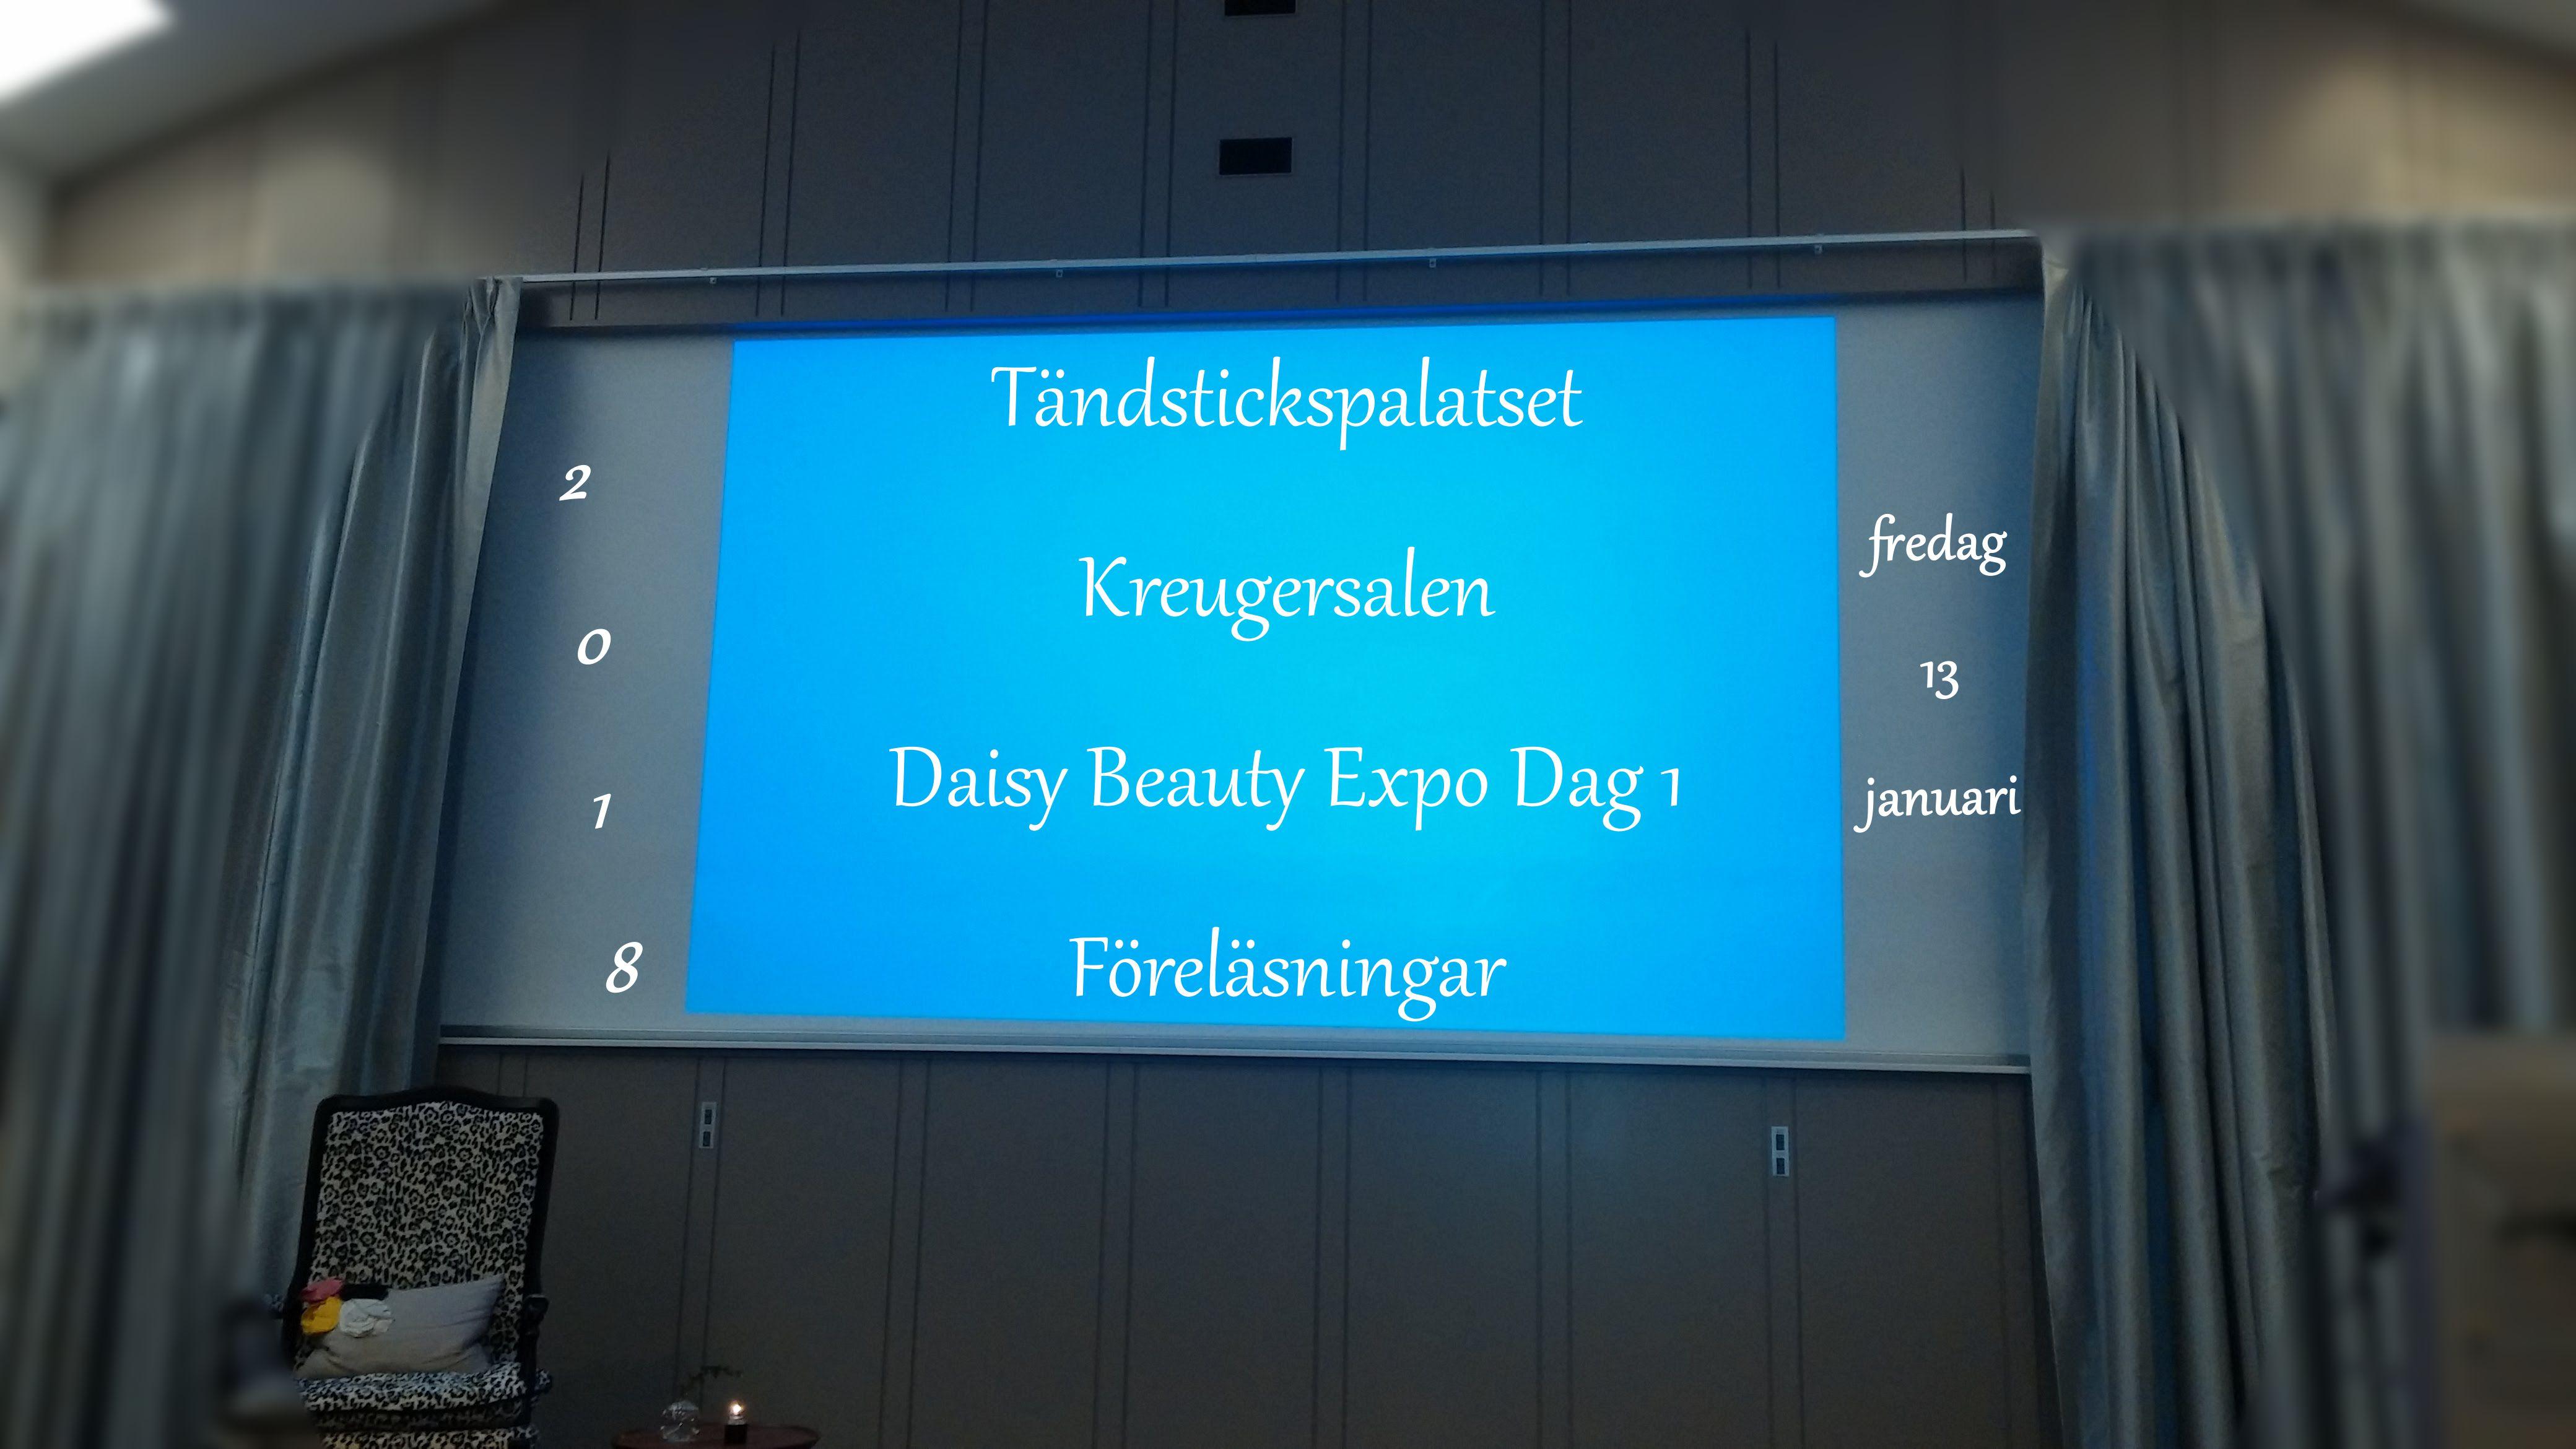 Daisy Beauty Expo Dag 1